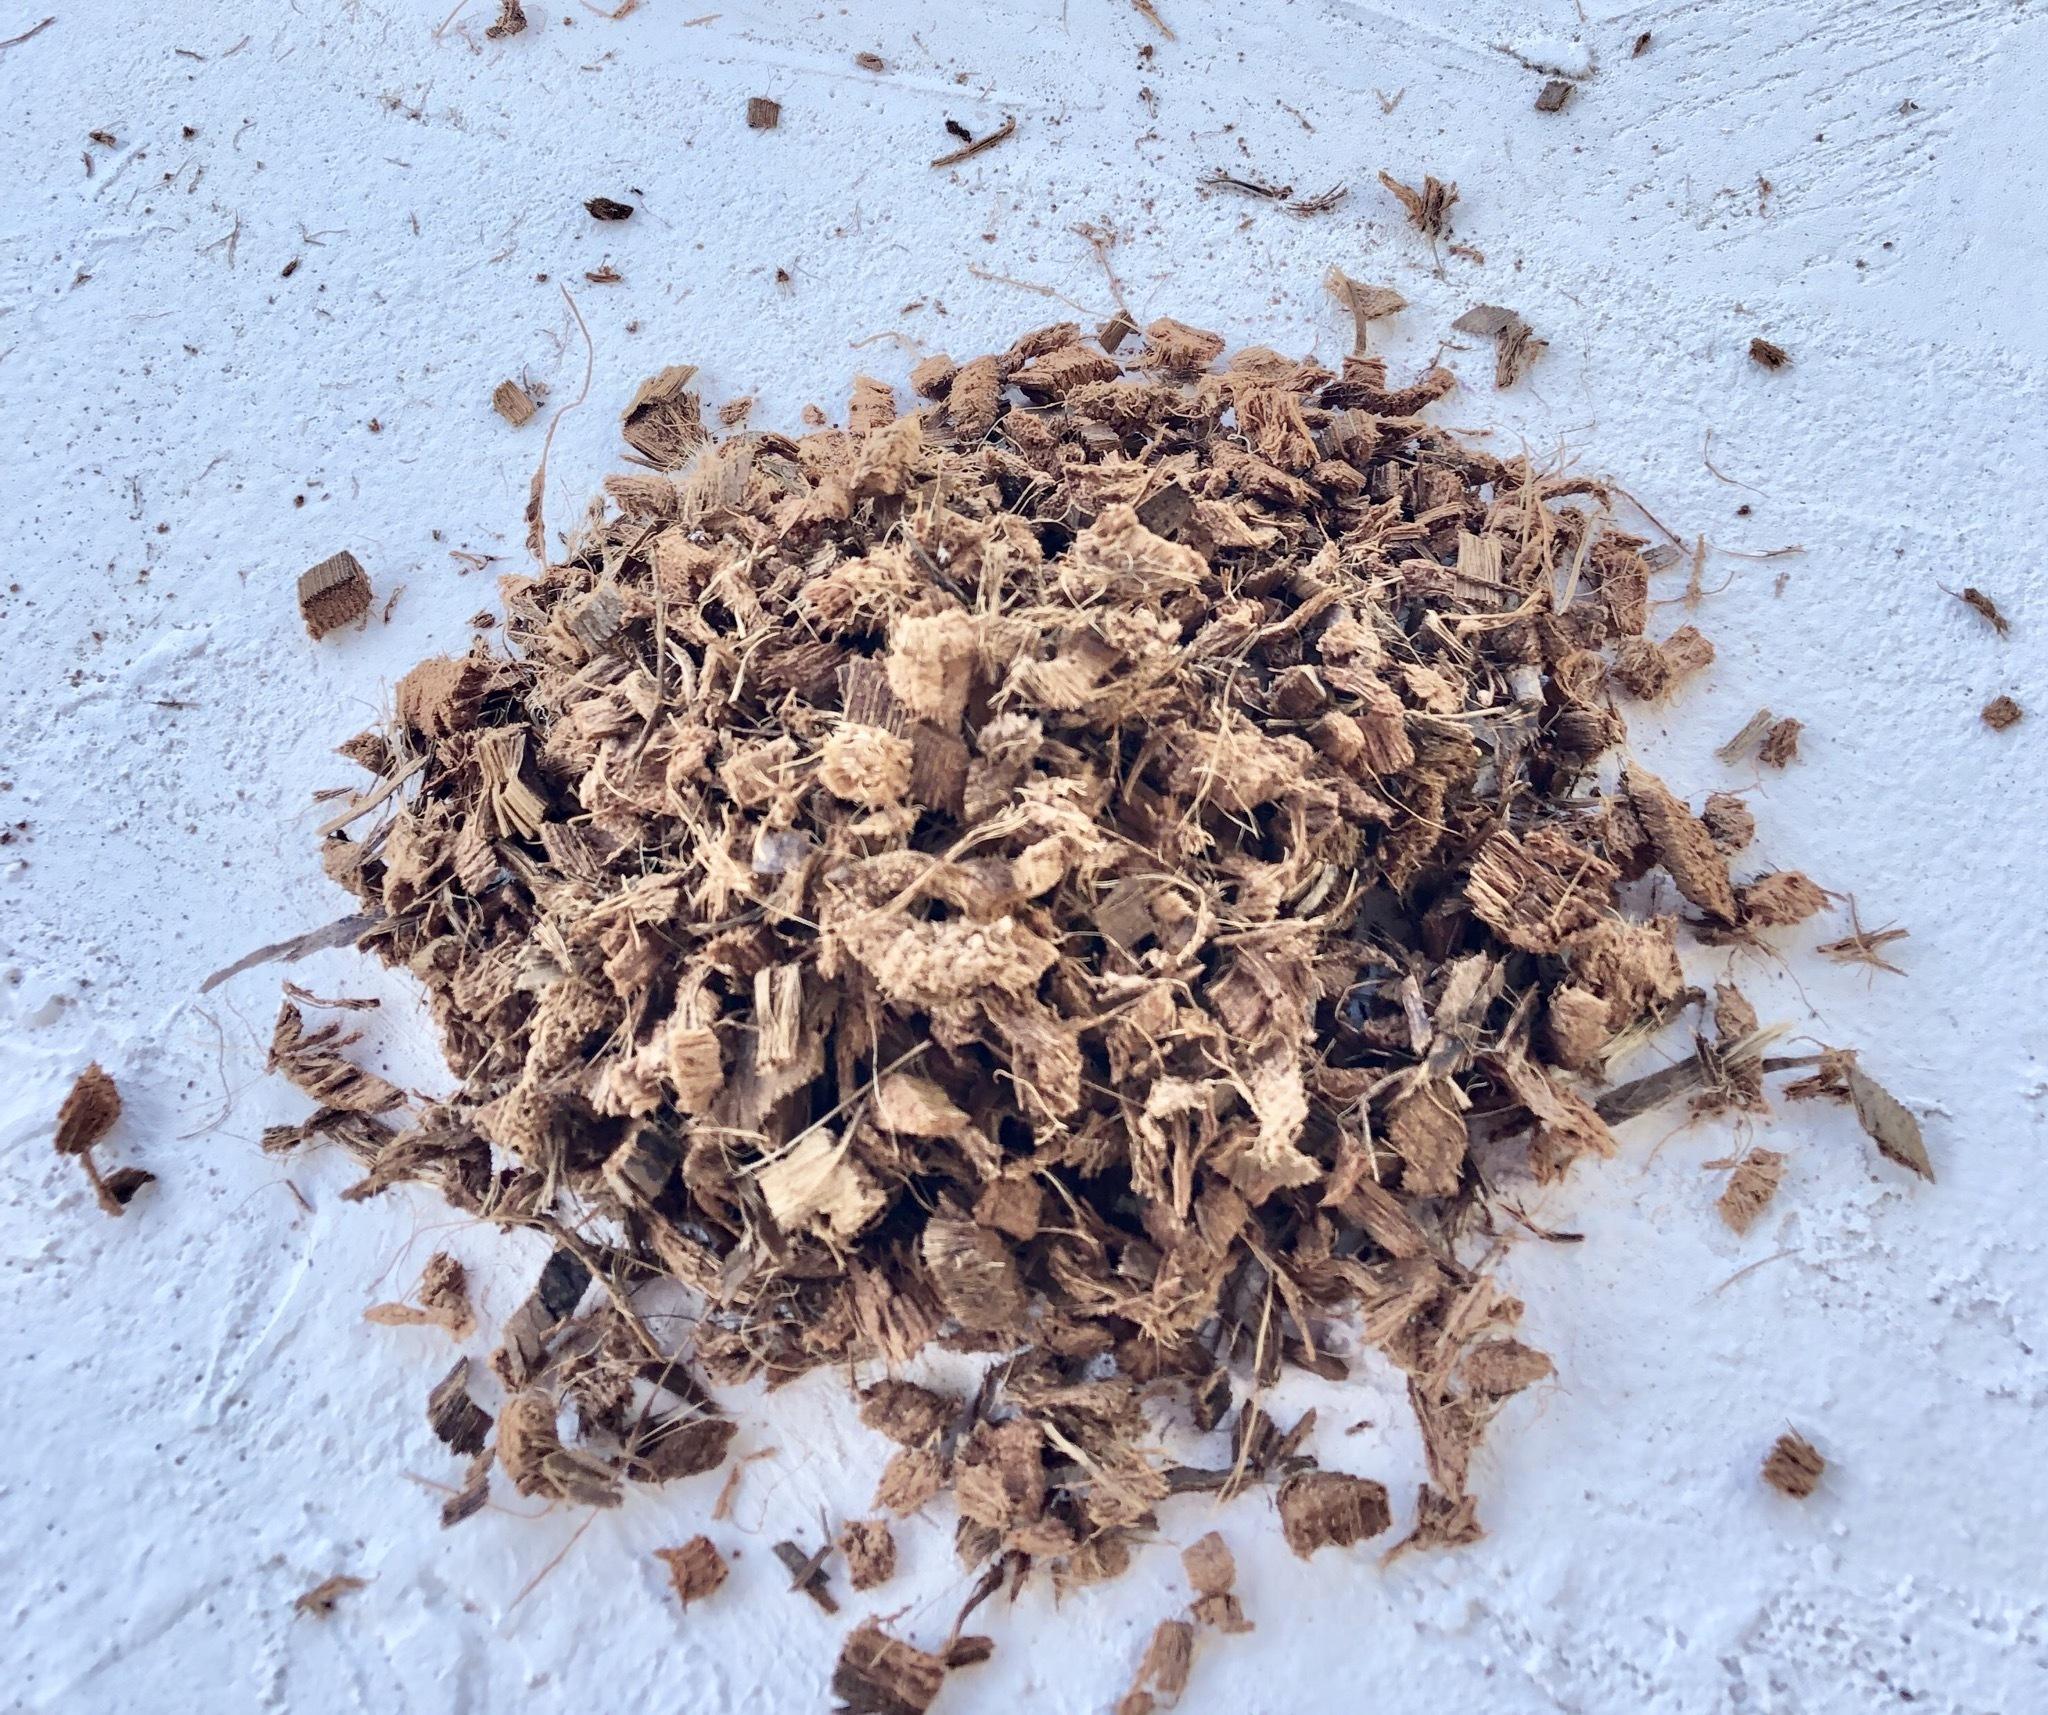 ベラボンとはどんな土壌改良材?その種類・効果・使い方を詳しく解説!